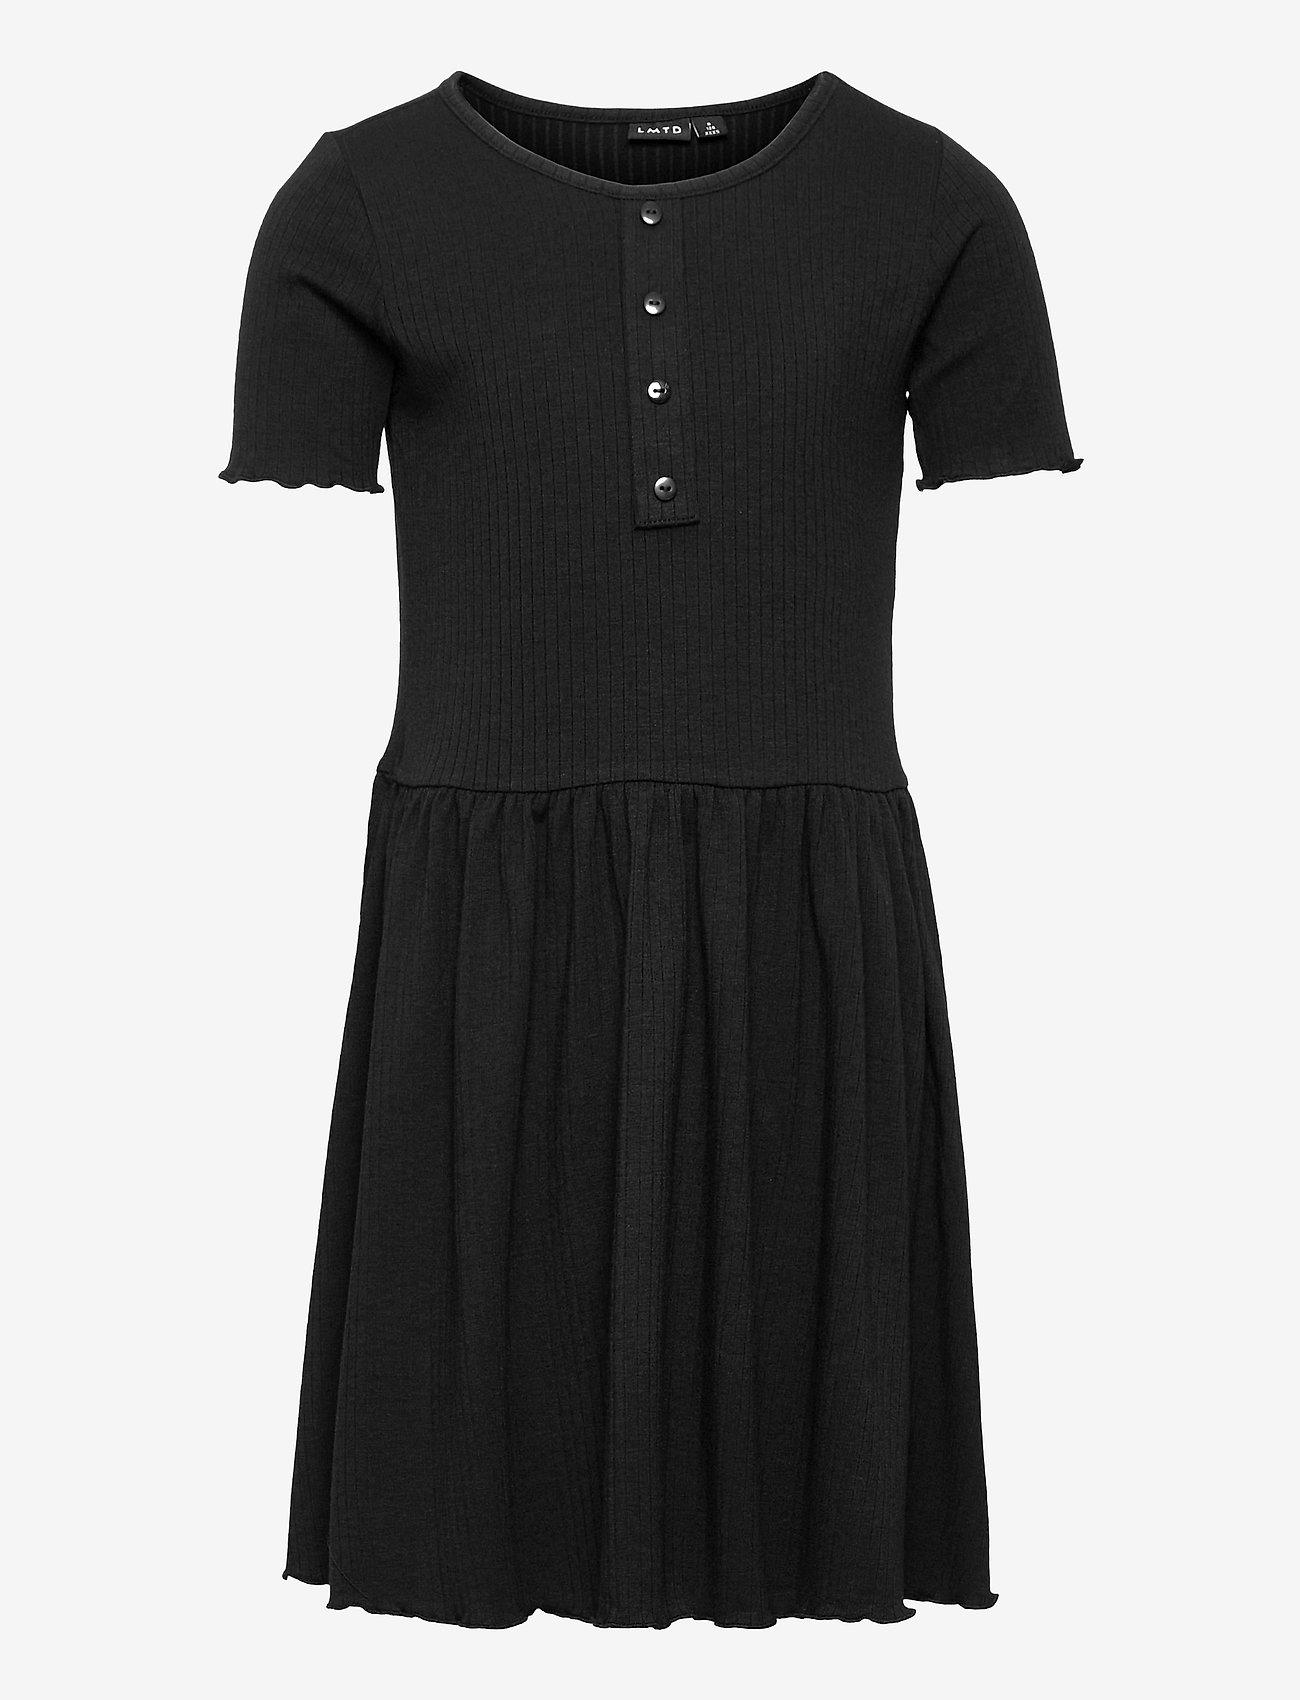 LMTD - NLFNUNNE SS DRESS - kleider - black - 0